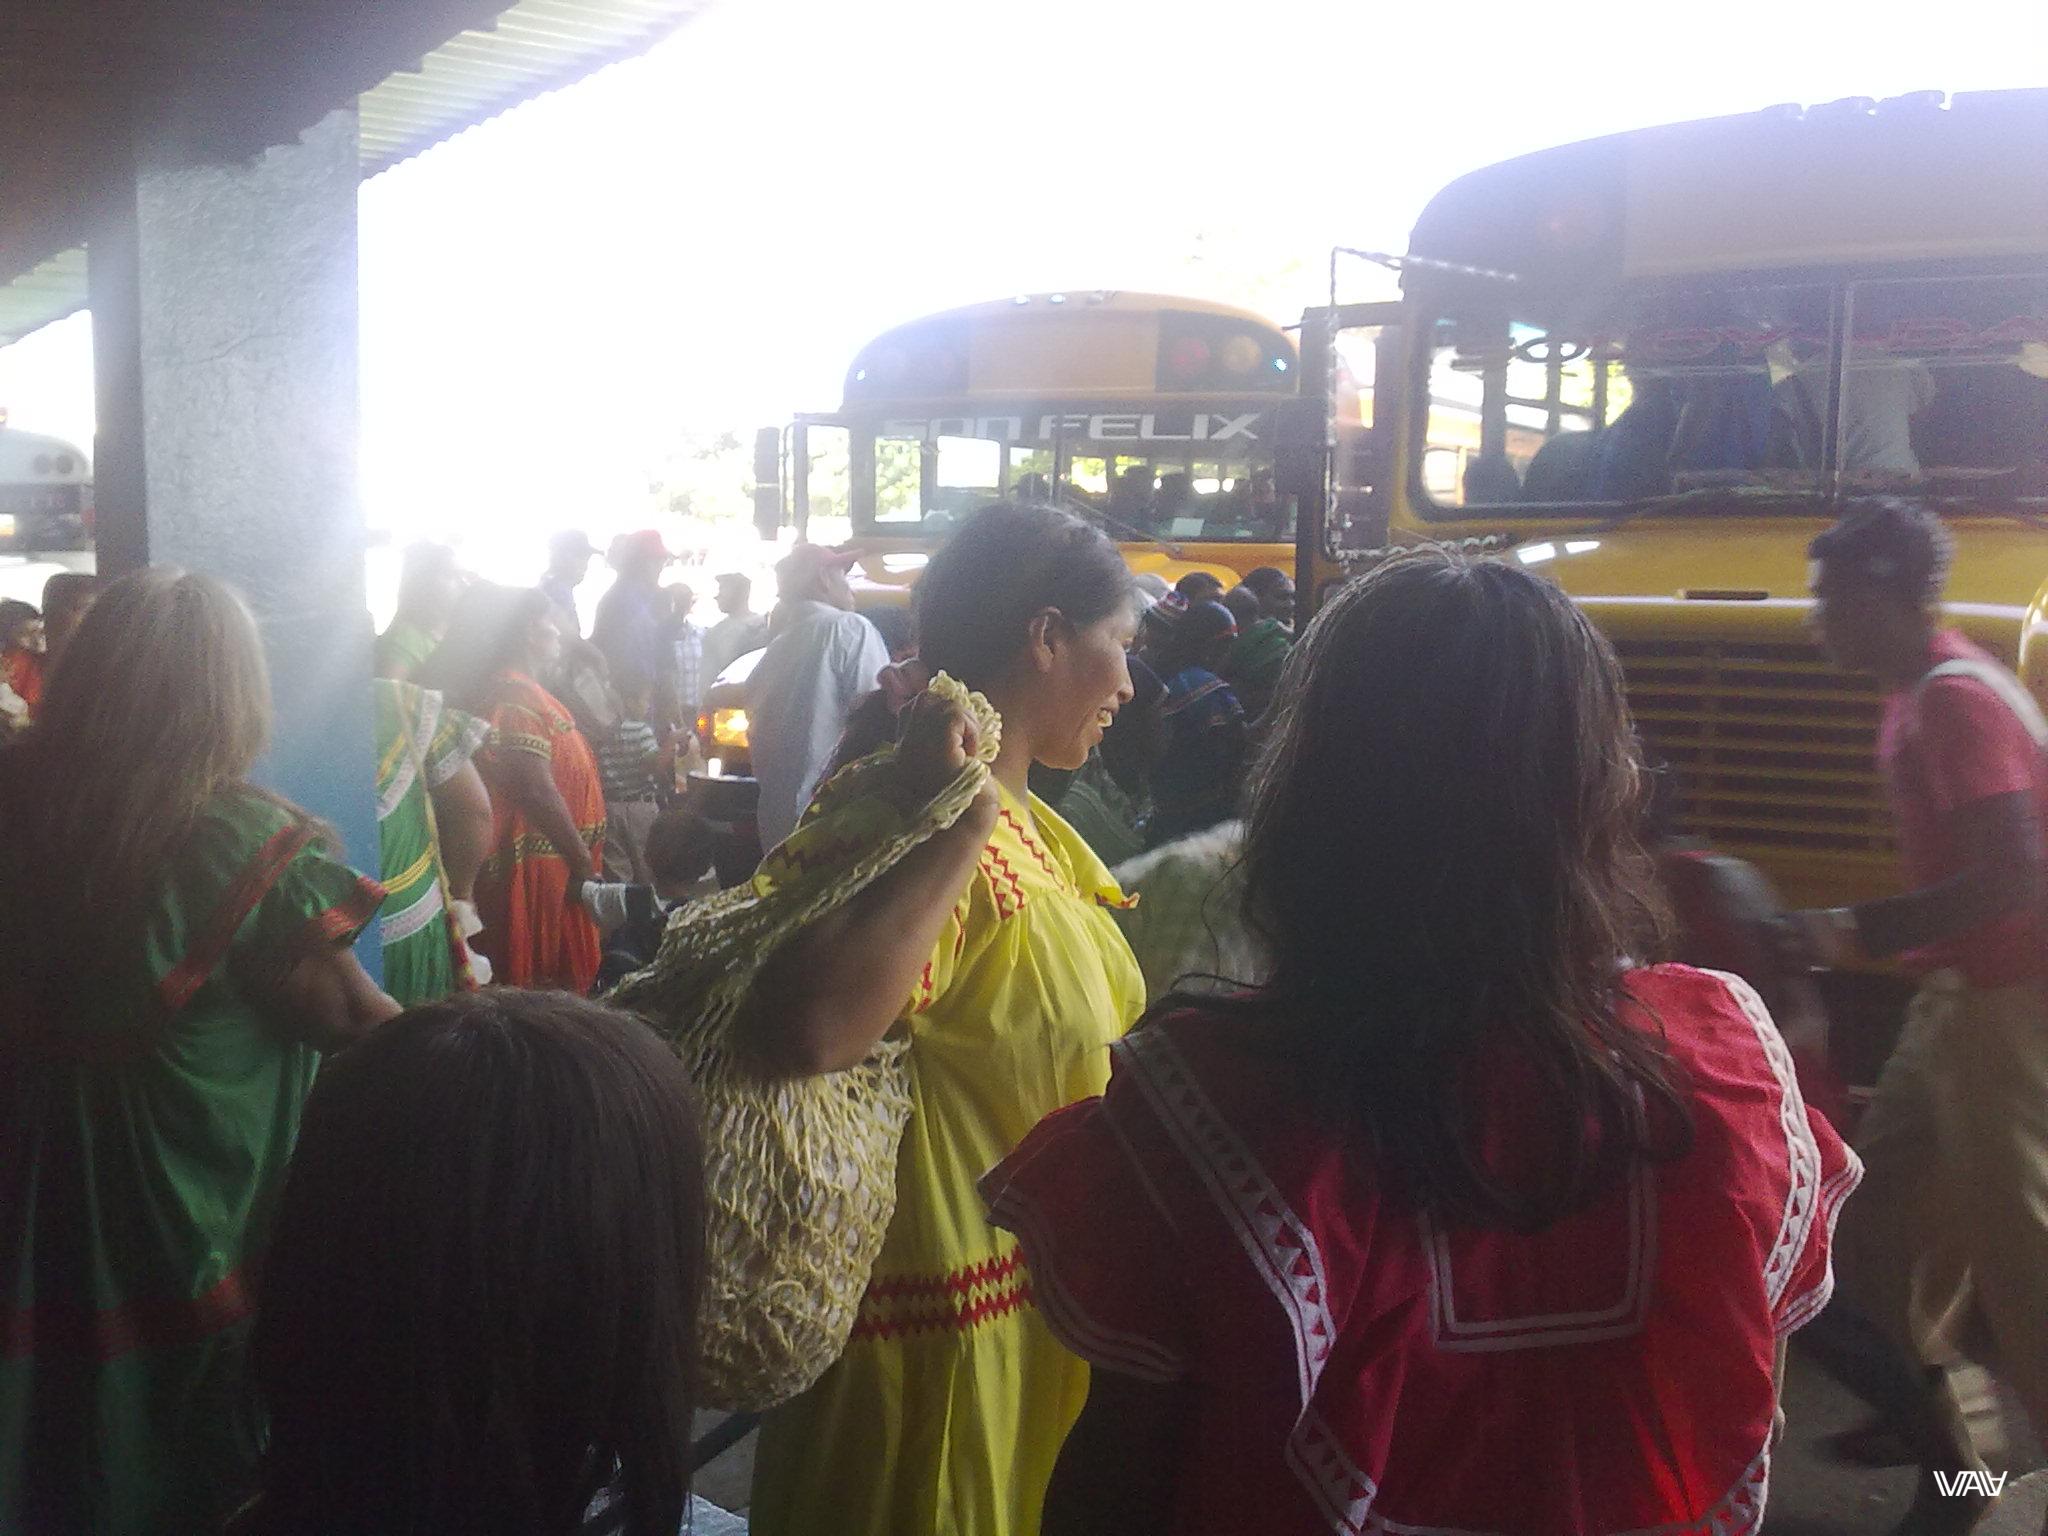 Обожаю светящихся счастьем и жизнерадостностью людей! Автовокзал города Давид, Панама